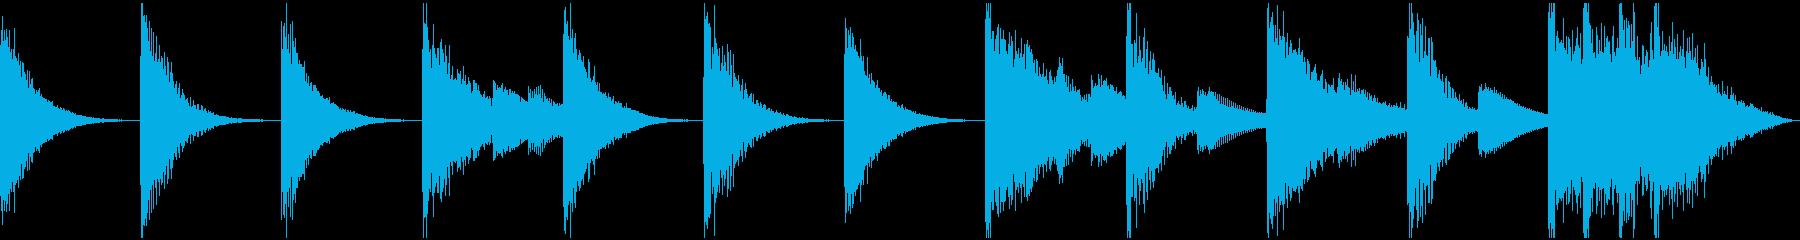 6秒シンキングタイム、アプリ、ゲームの再生済みの波形